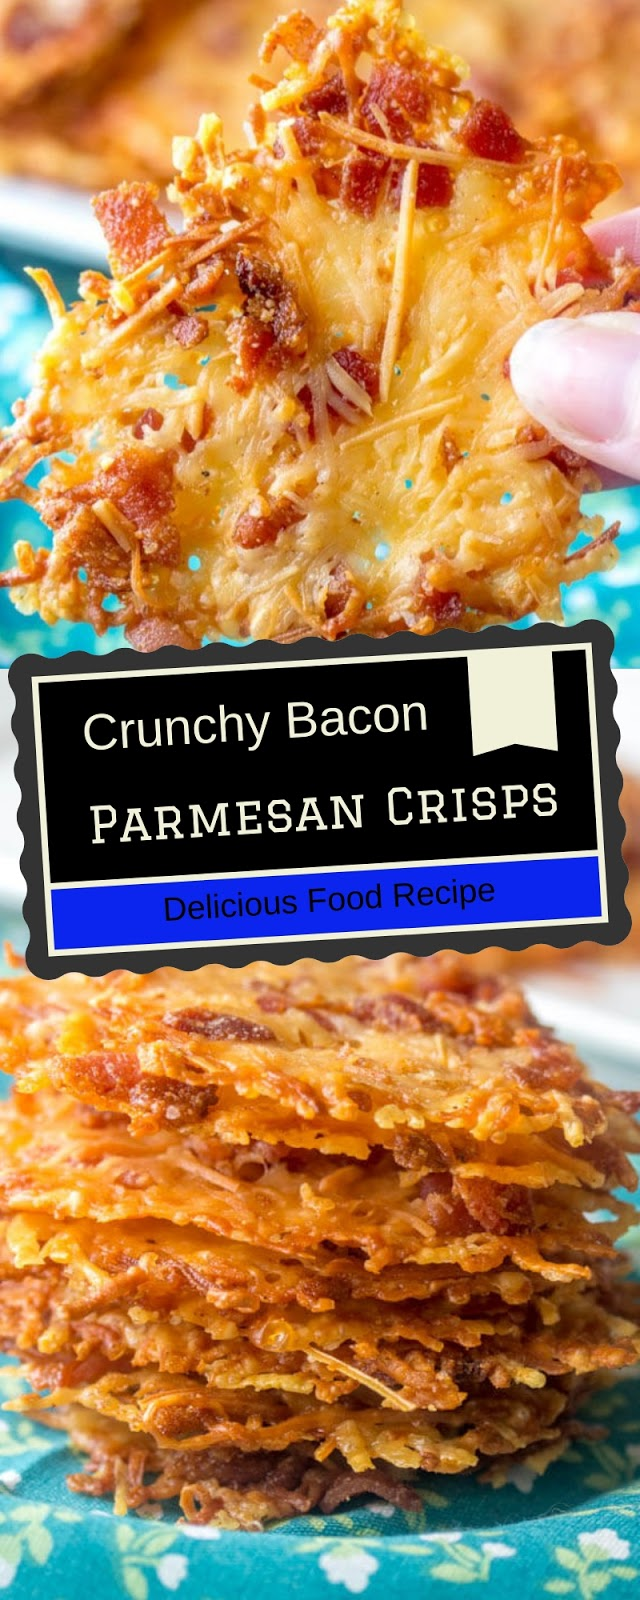 Crunchy Bacon Parmesan Crisps